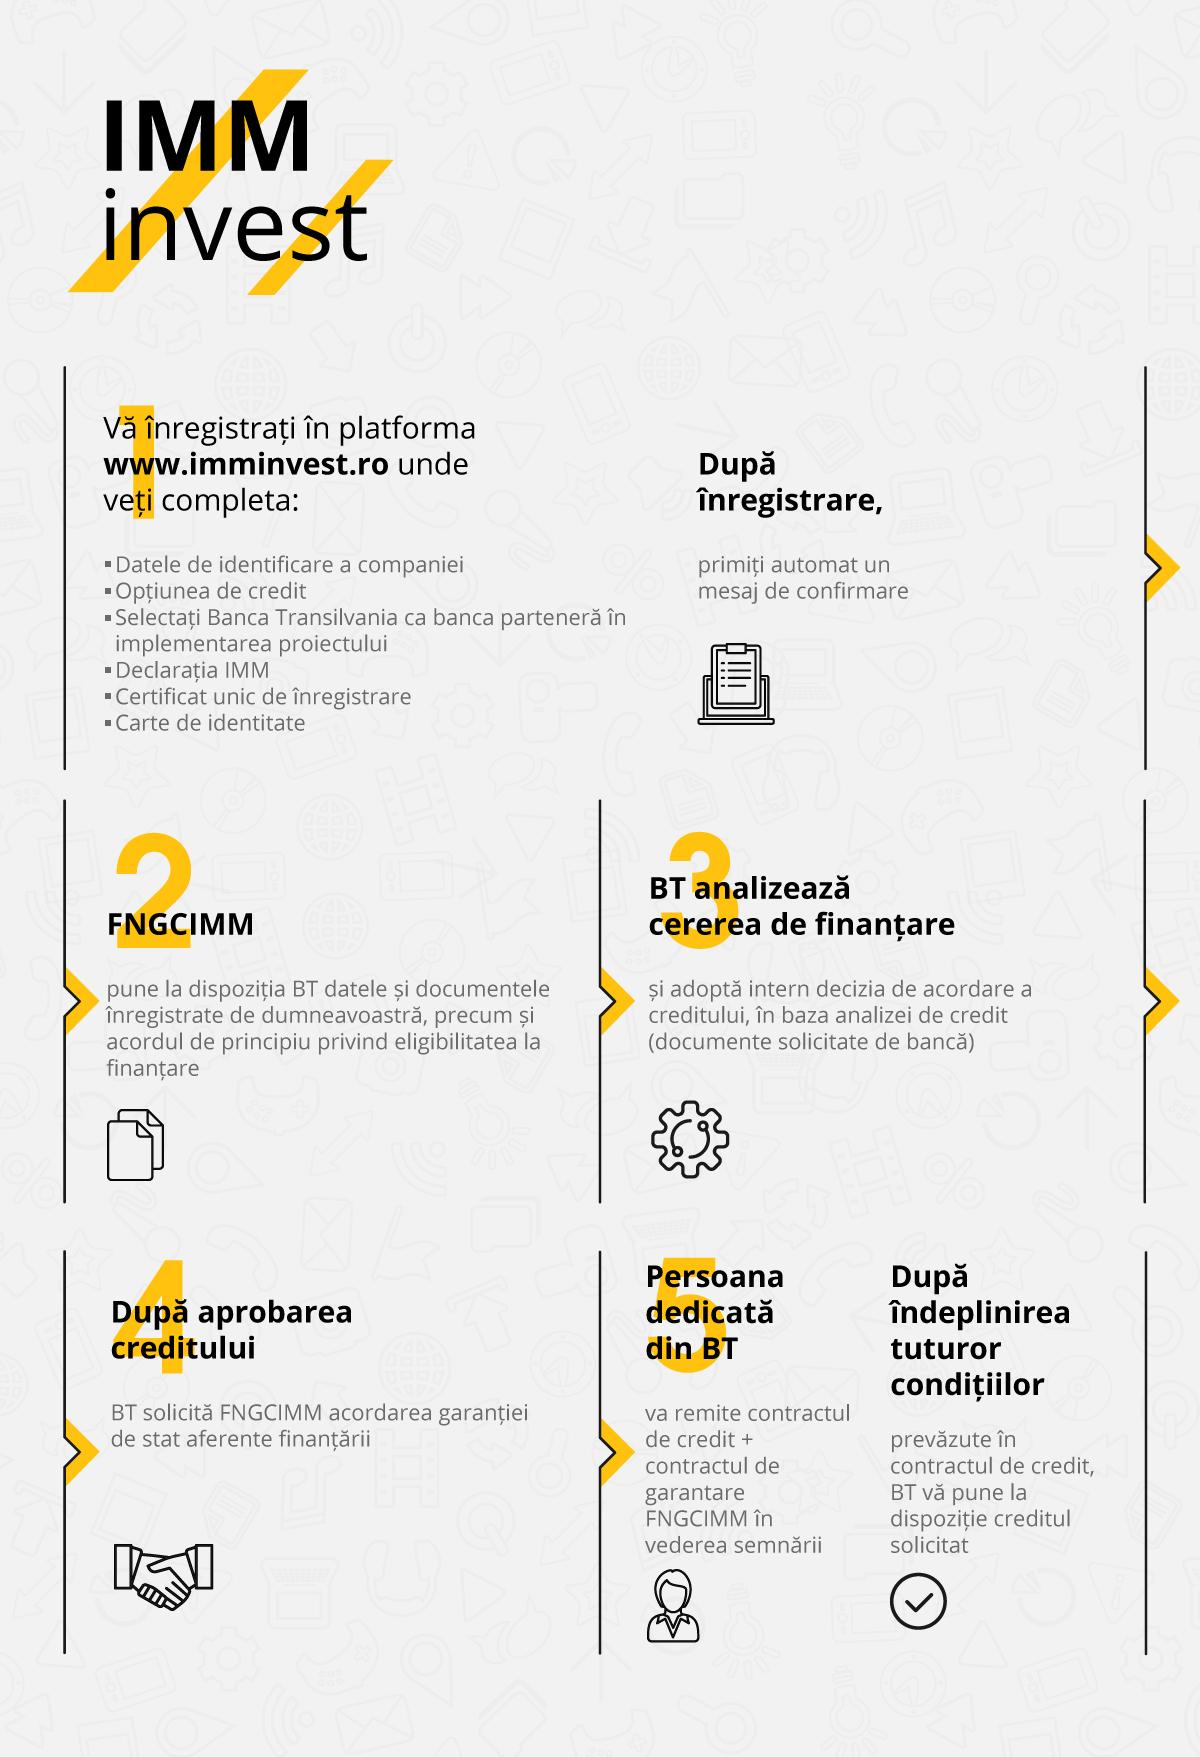 Infografic IMM Invest